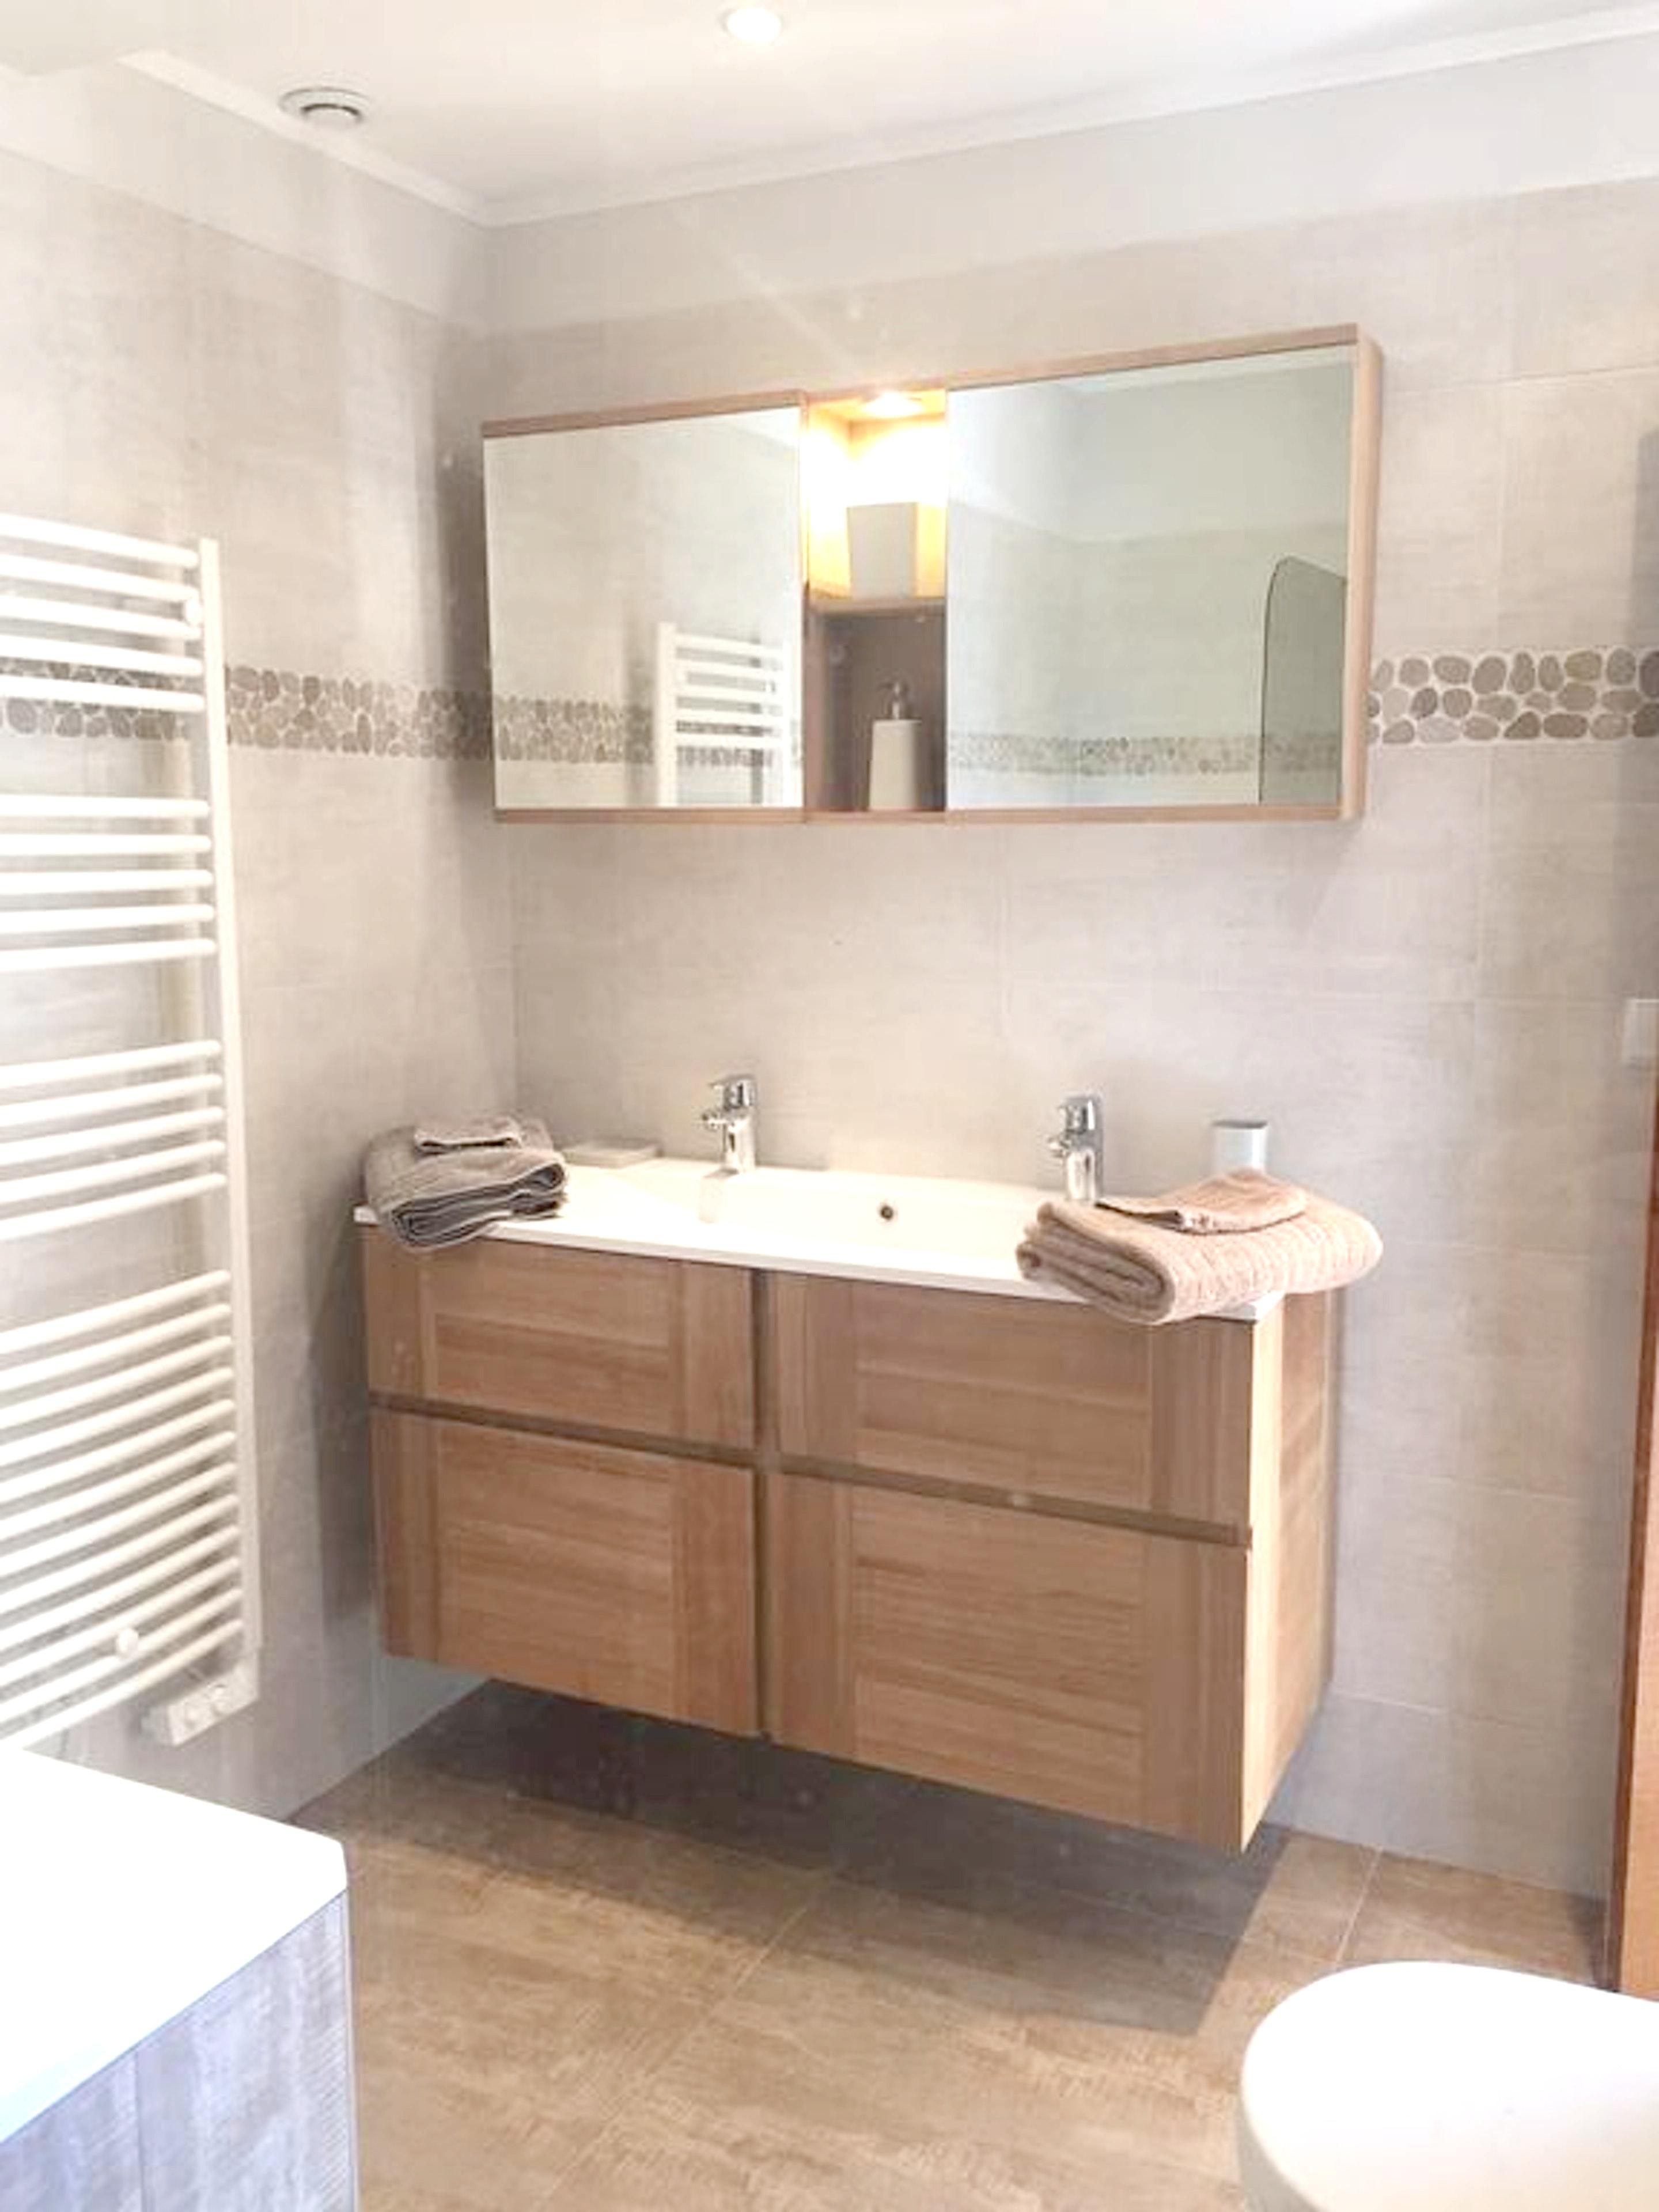 Maison de vacances Villa mit 5 Schlafzimmern in Rayol-Canadel-sur-Mer mit toller Aussicht auf die Berge, priv (2201555), Le Lavandou, Côte d'Azur, Provence - Alpes - Côte d'Azur, France, image 38